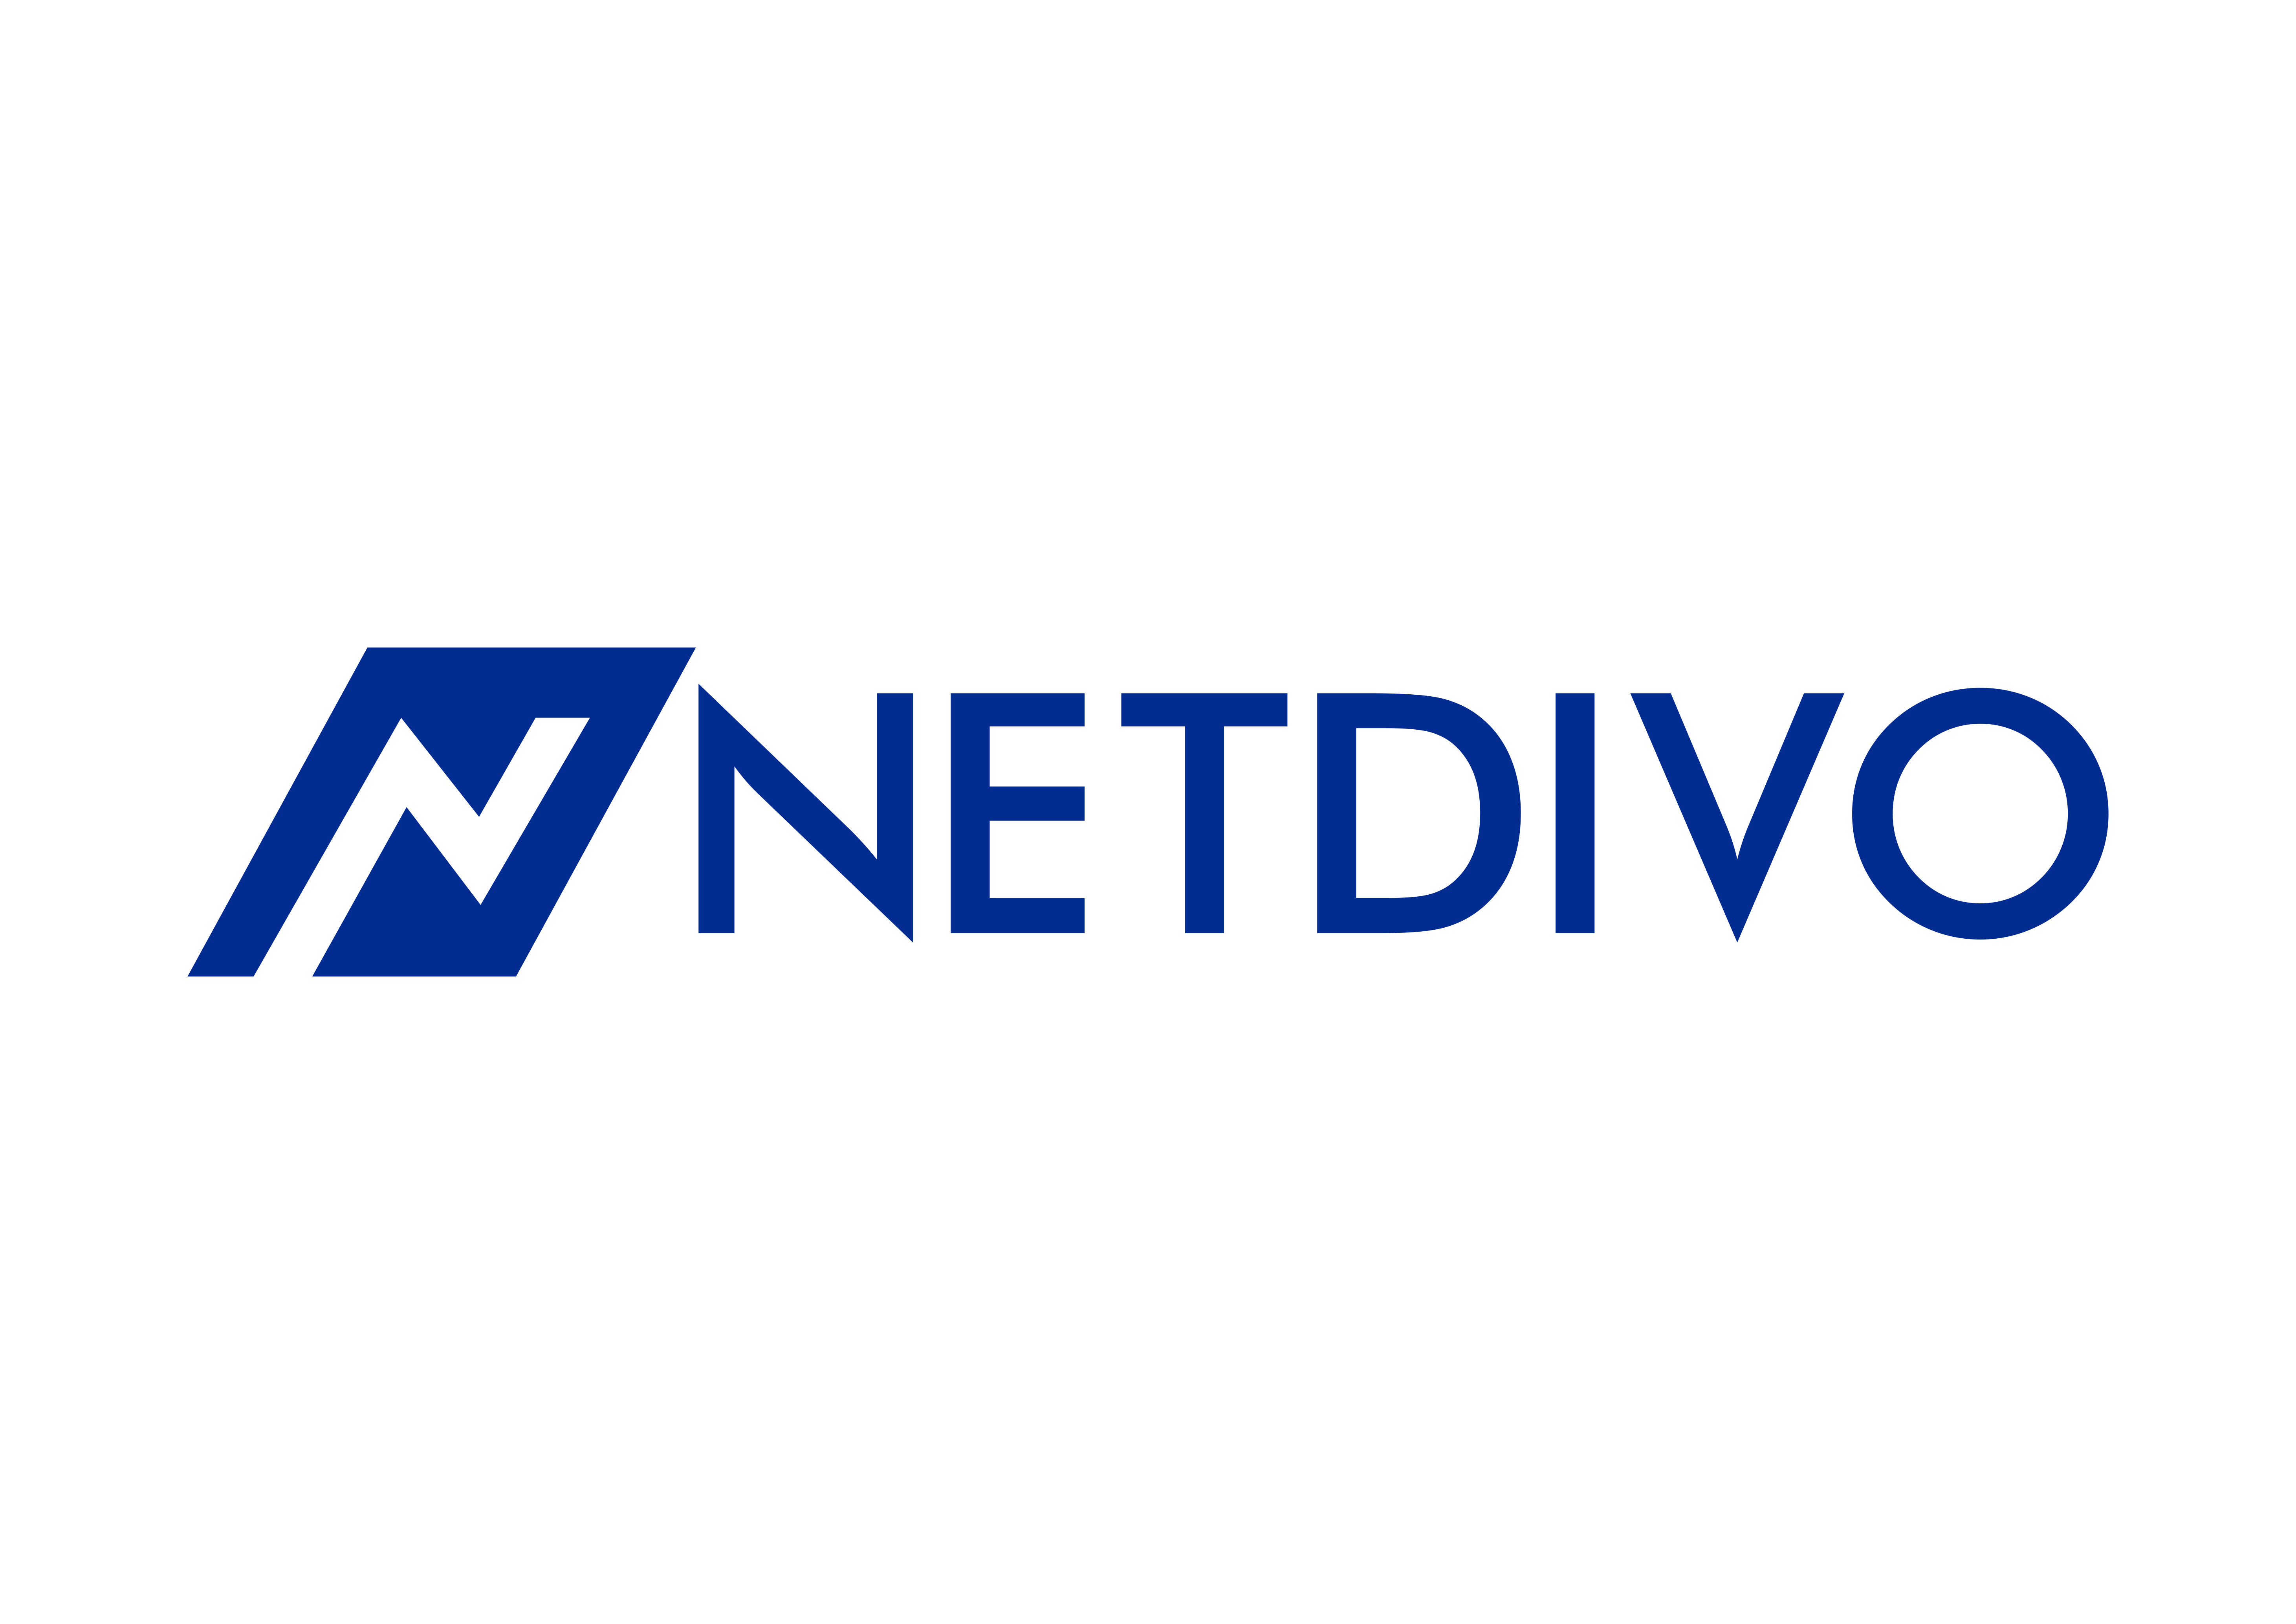 netdivo logo